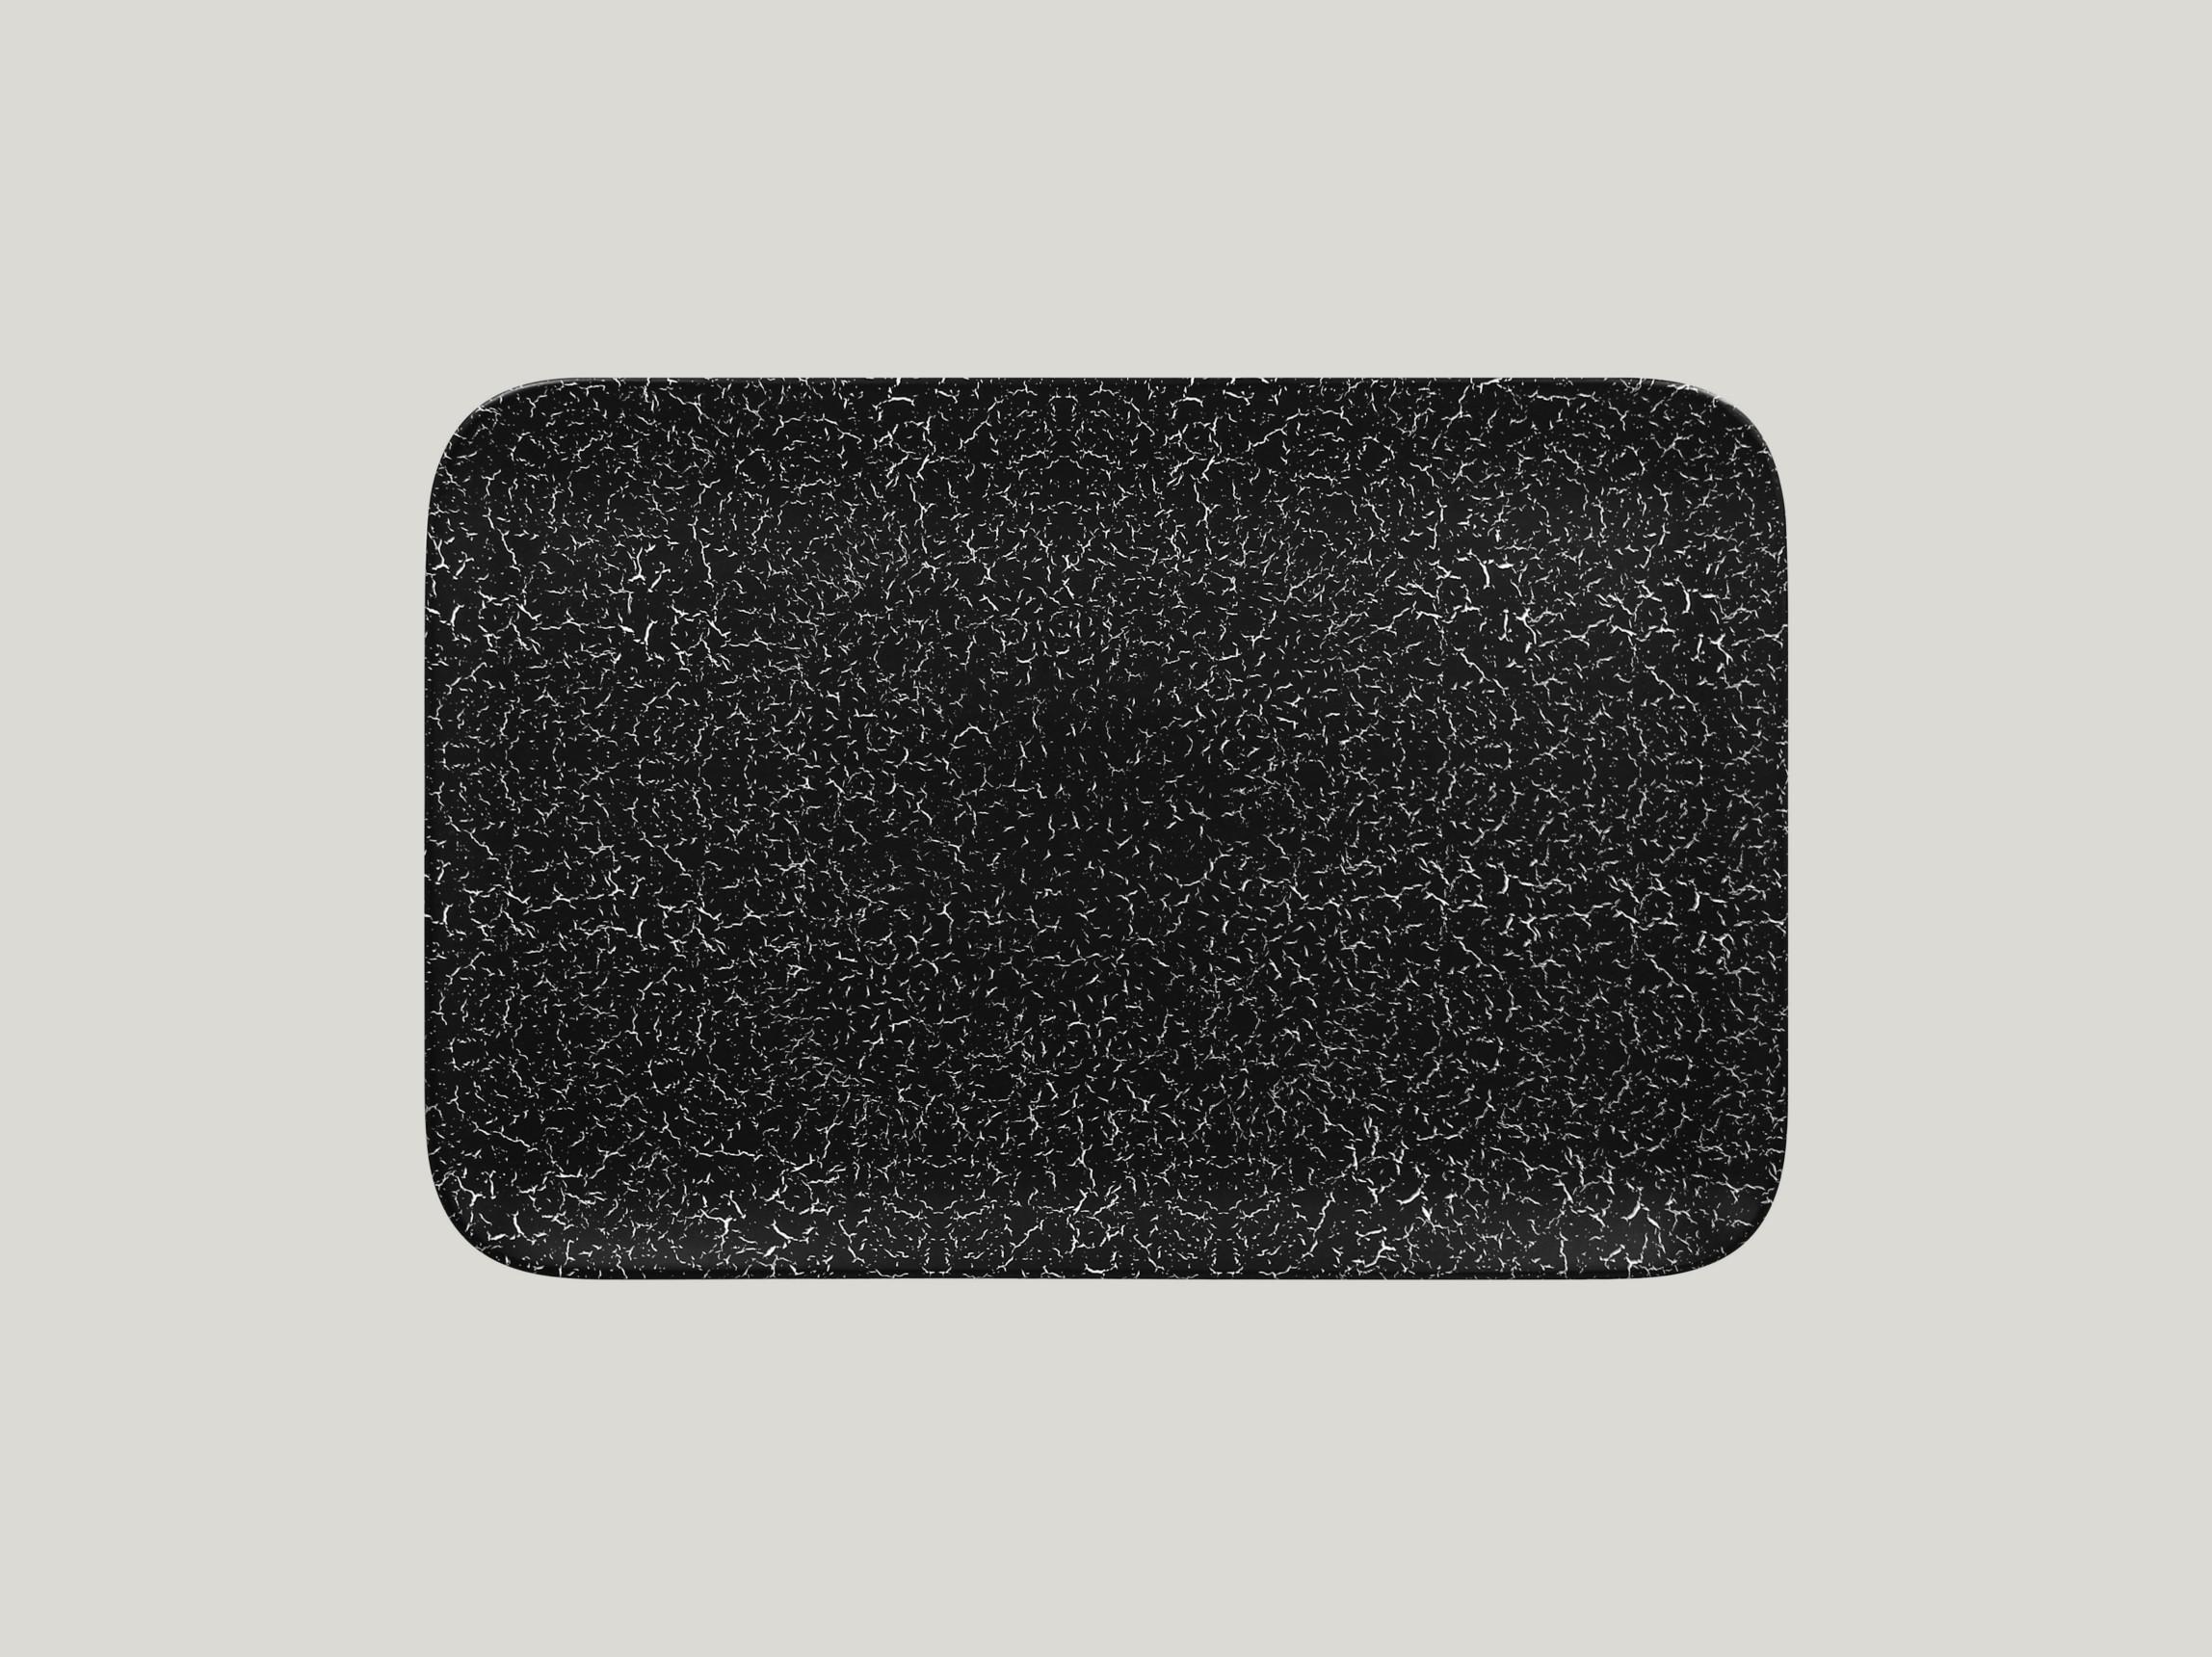 Talíř obdélníkový 33 x 22 cm - černá